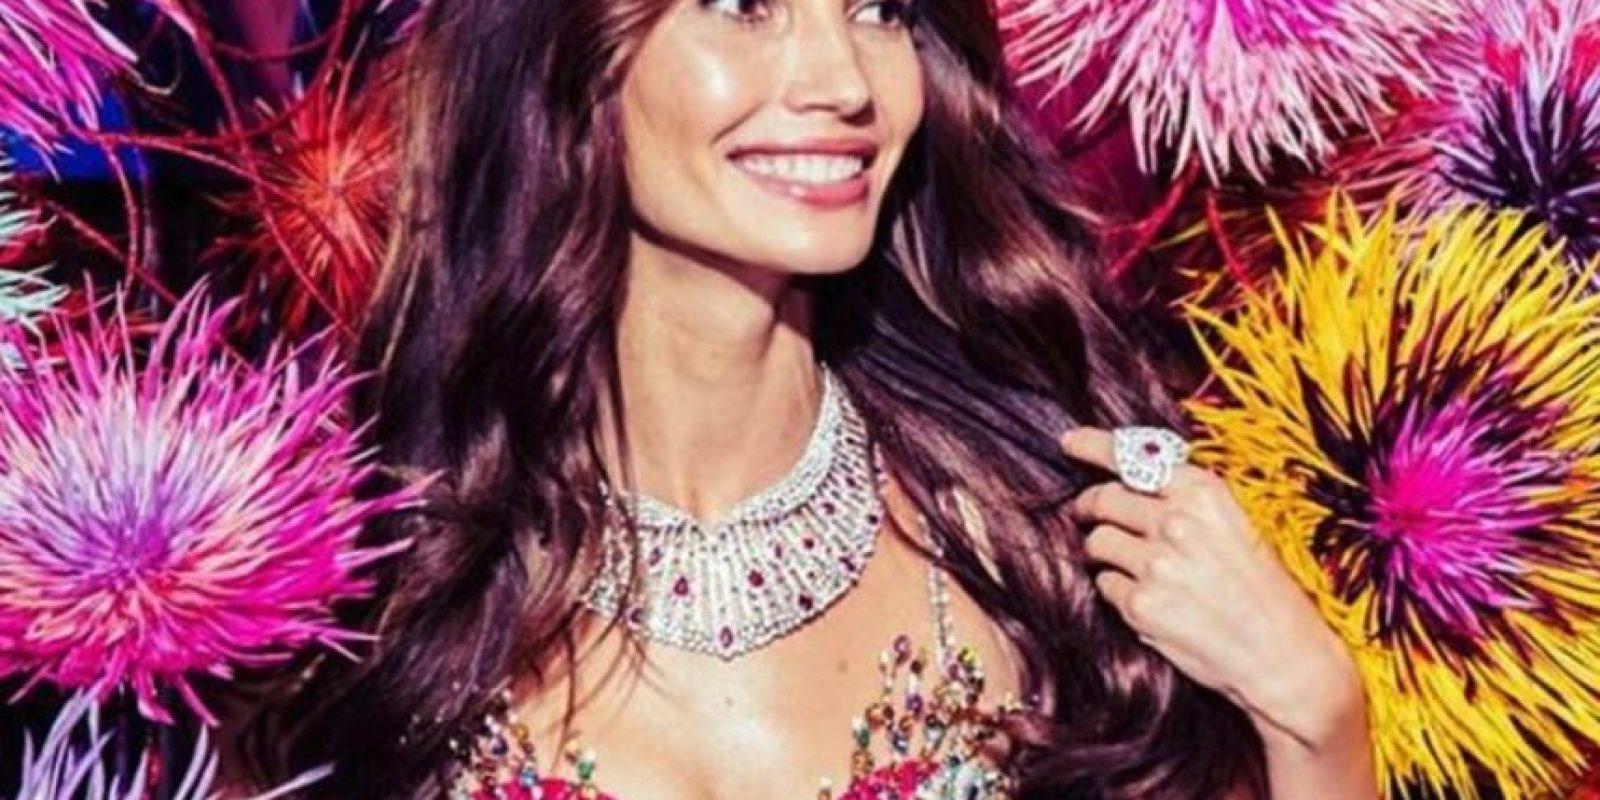 La modelo tiene 30 años Foto:Vía instagram.com/lilyaldridge. Imagen Por: